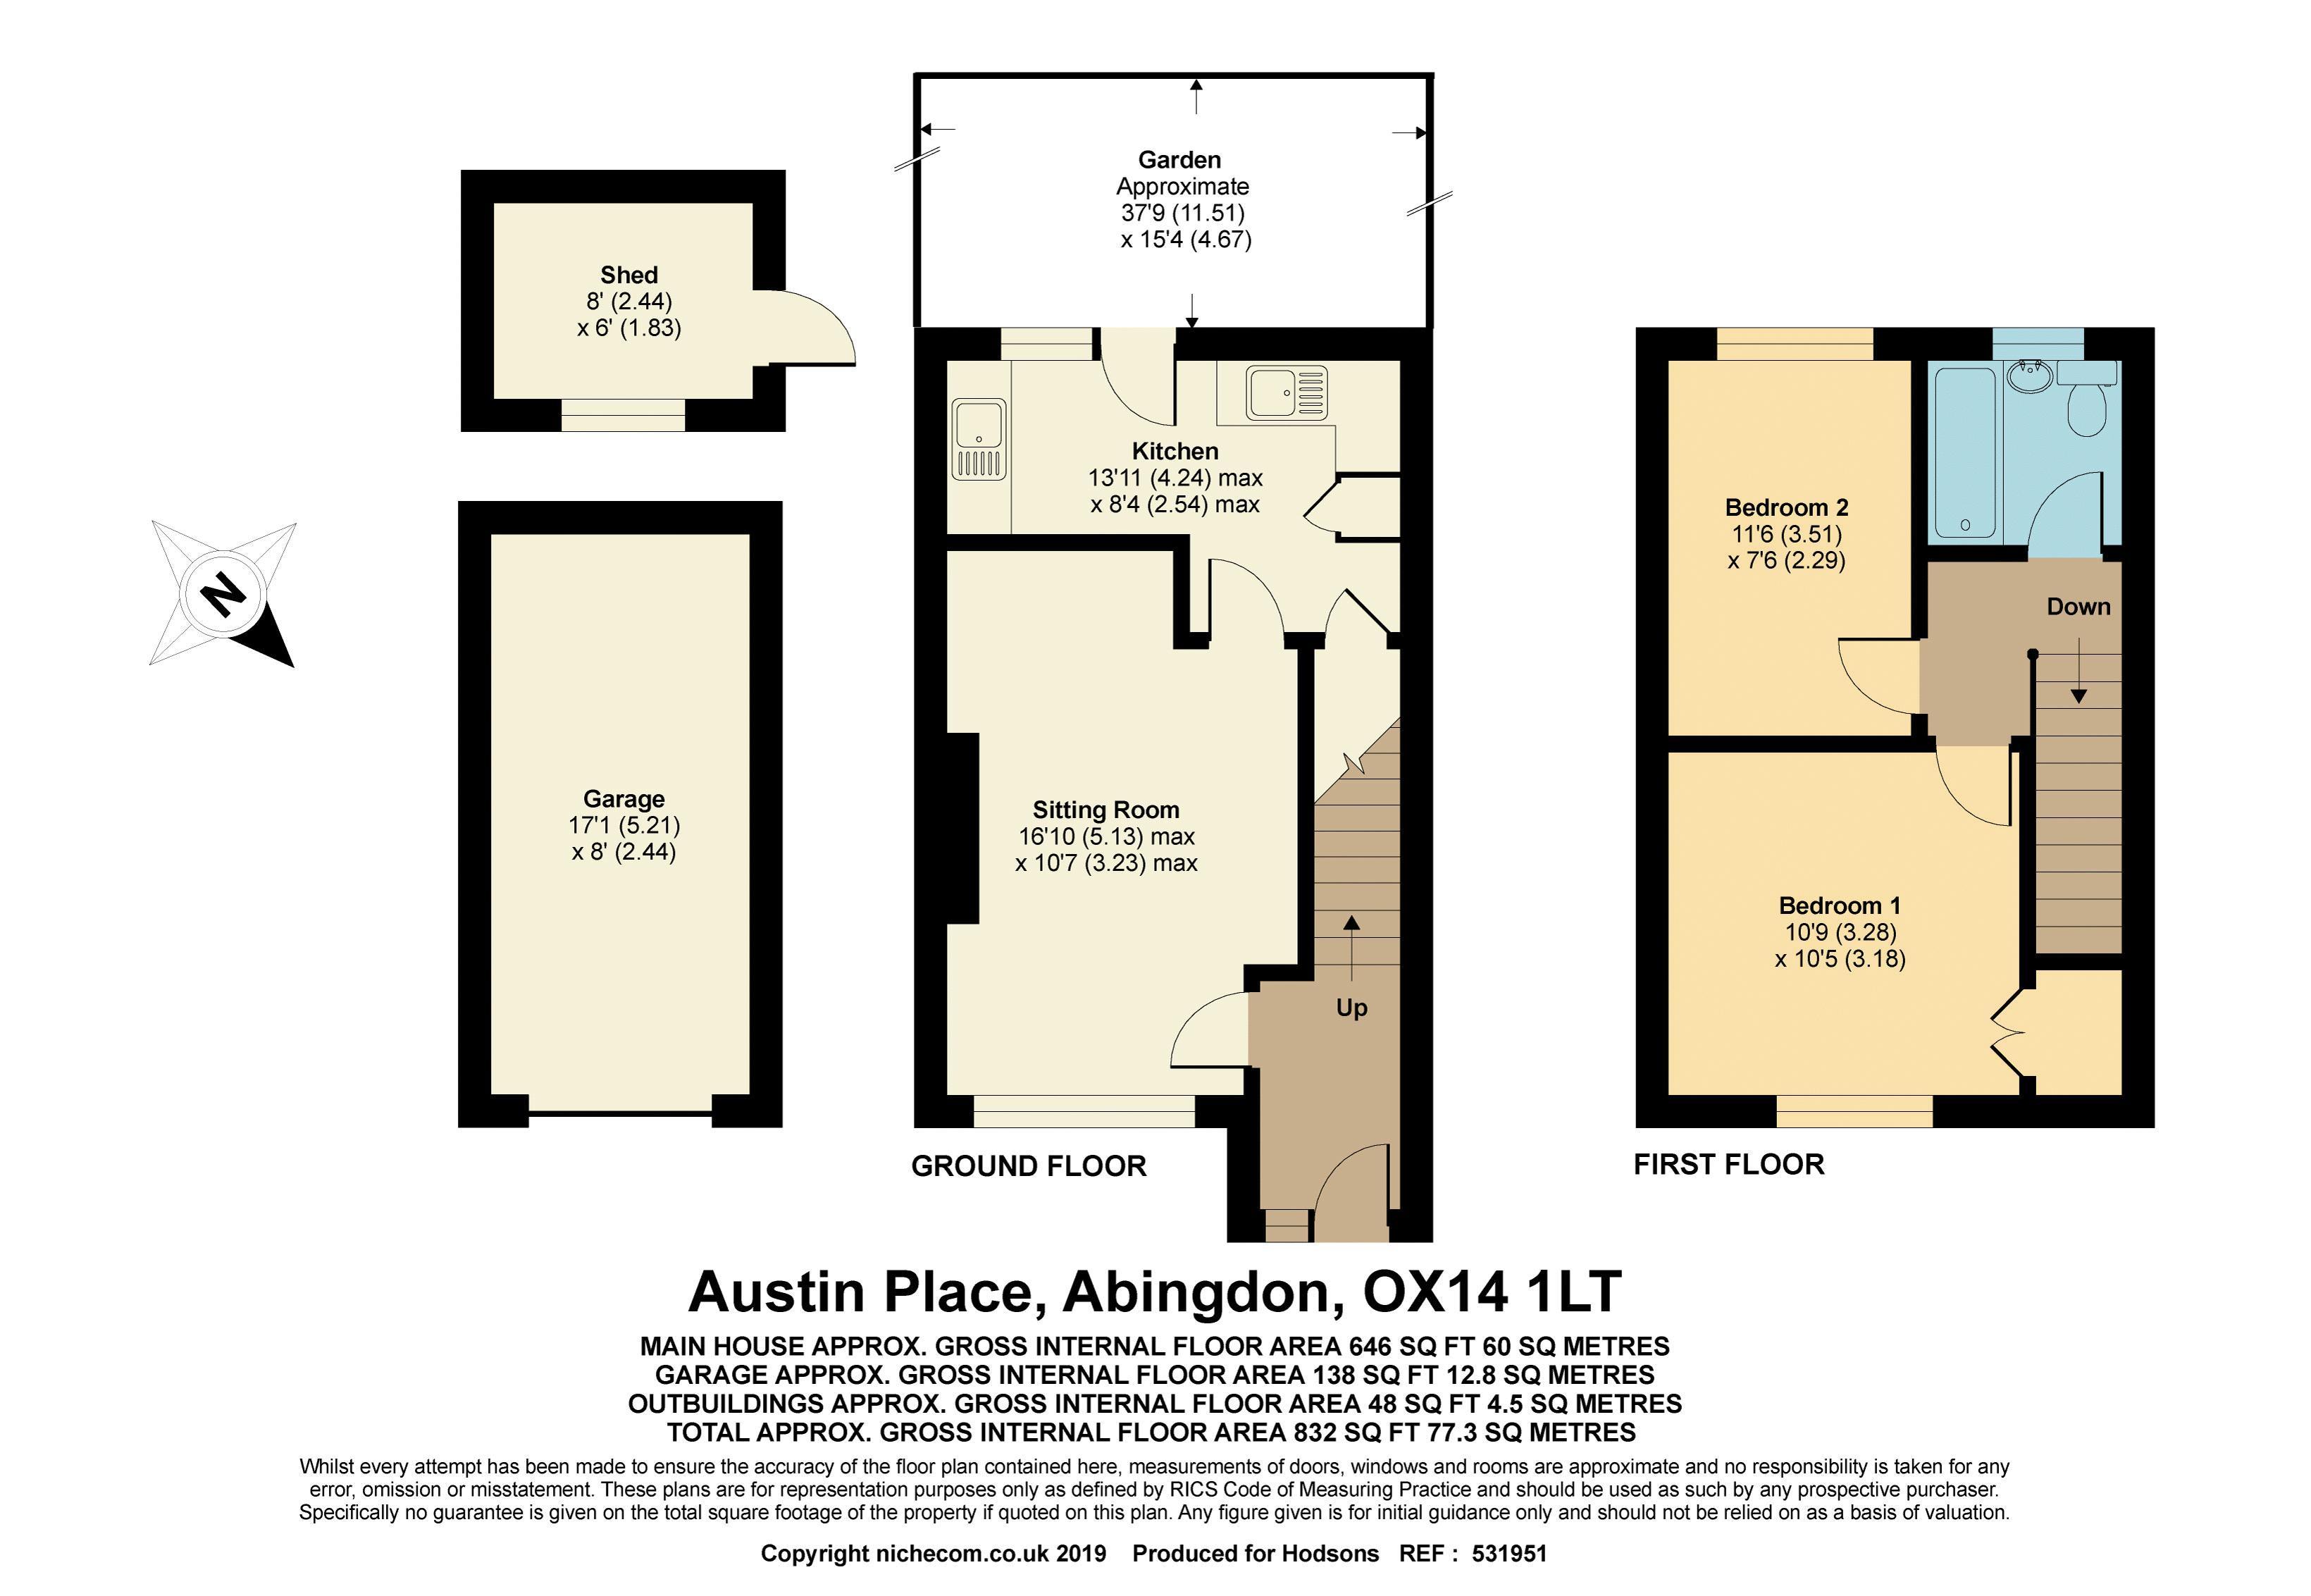 Austin Place